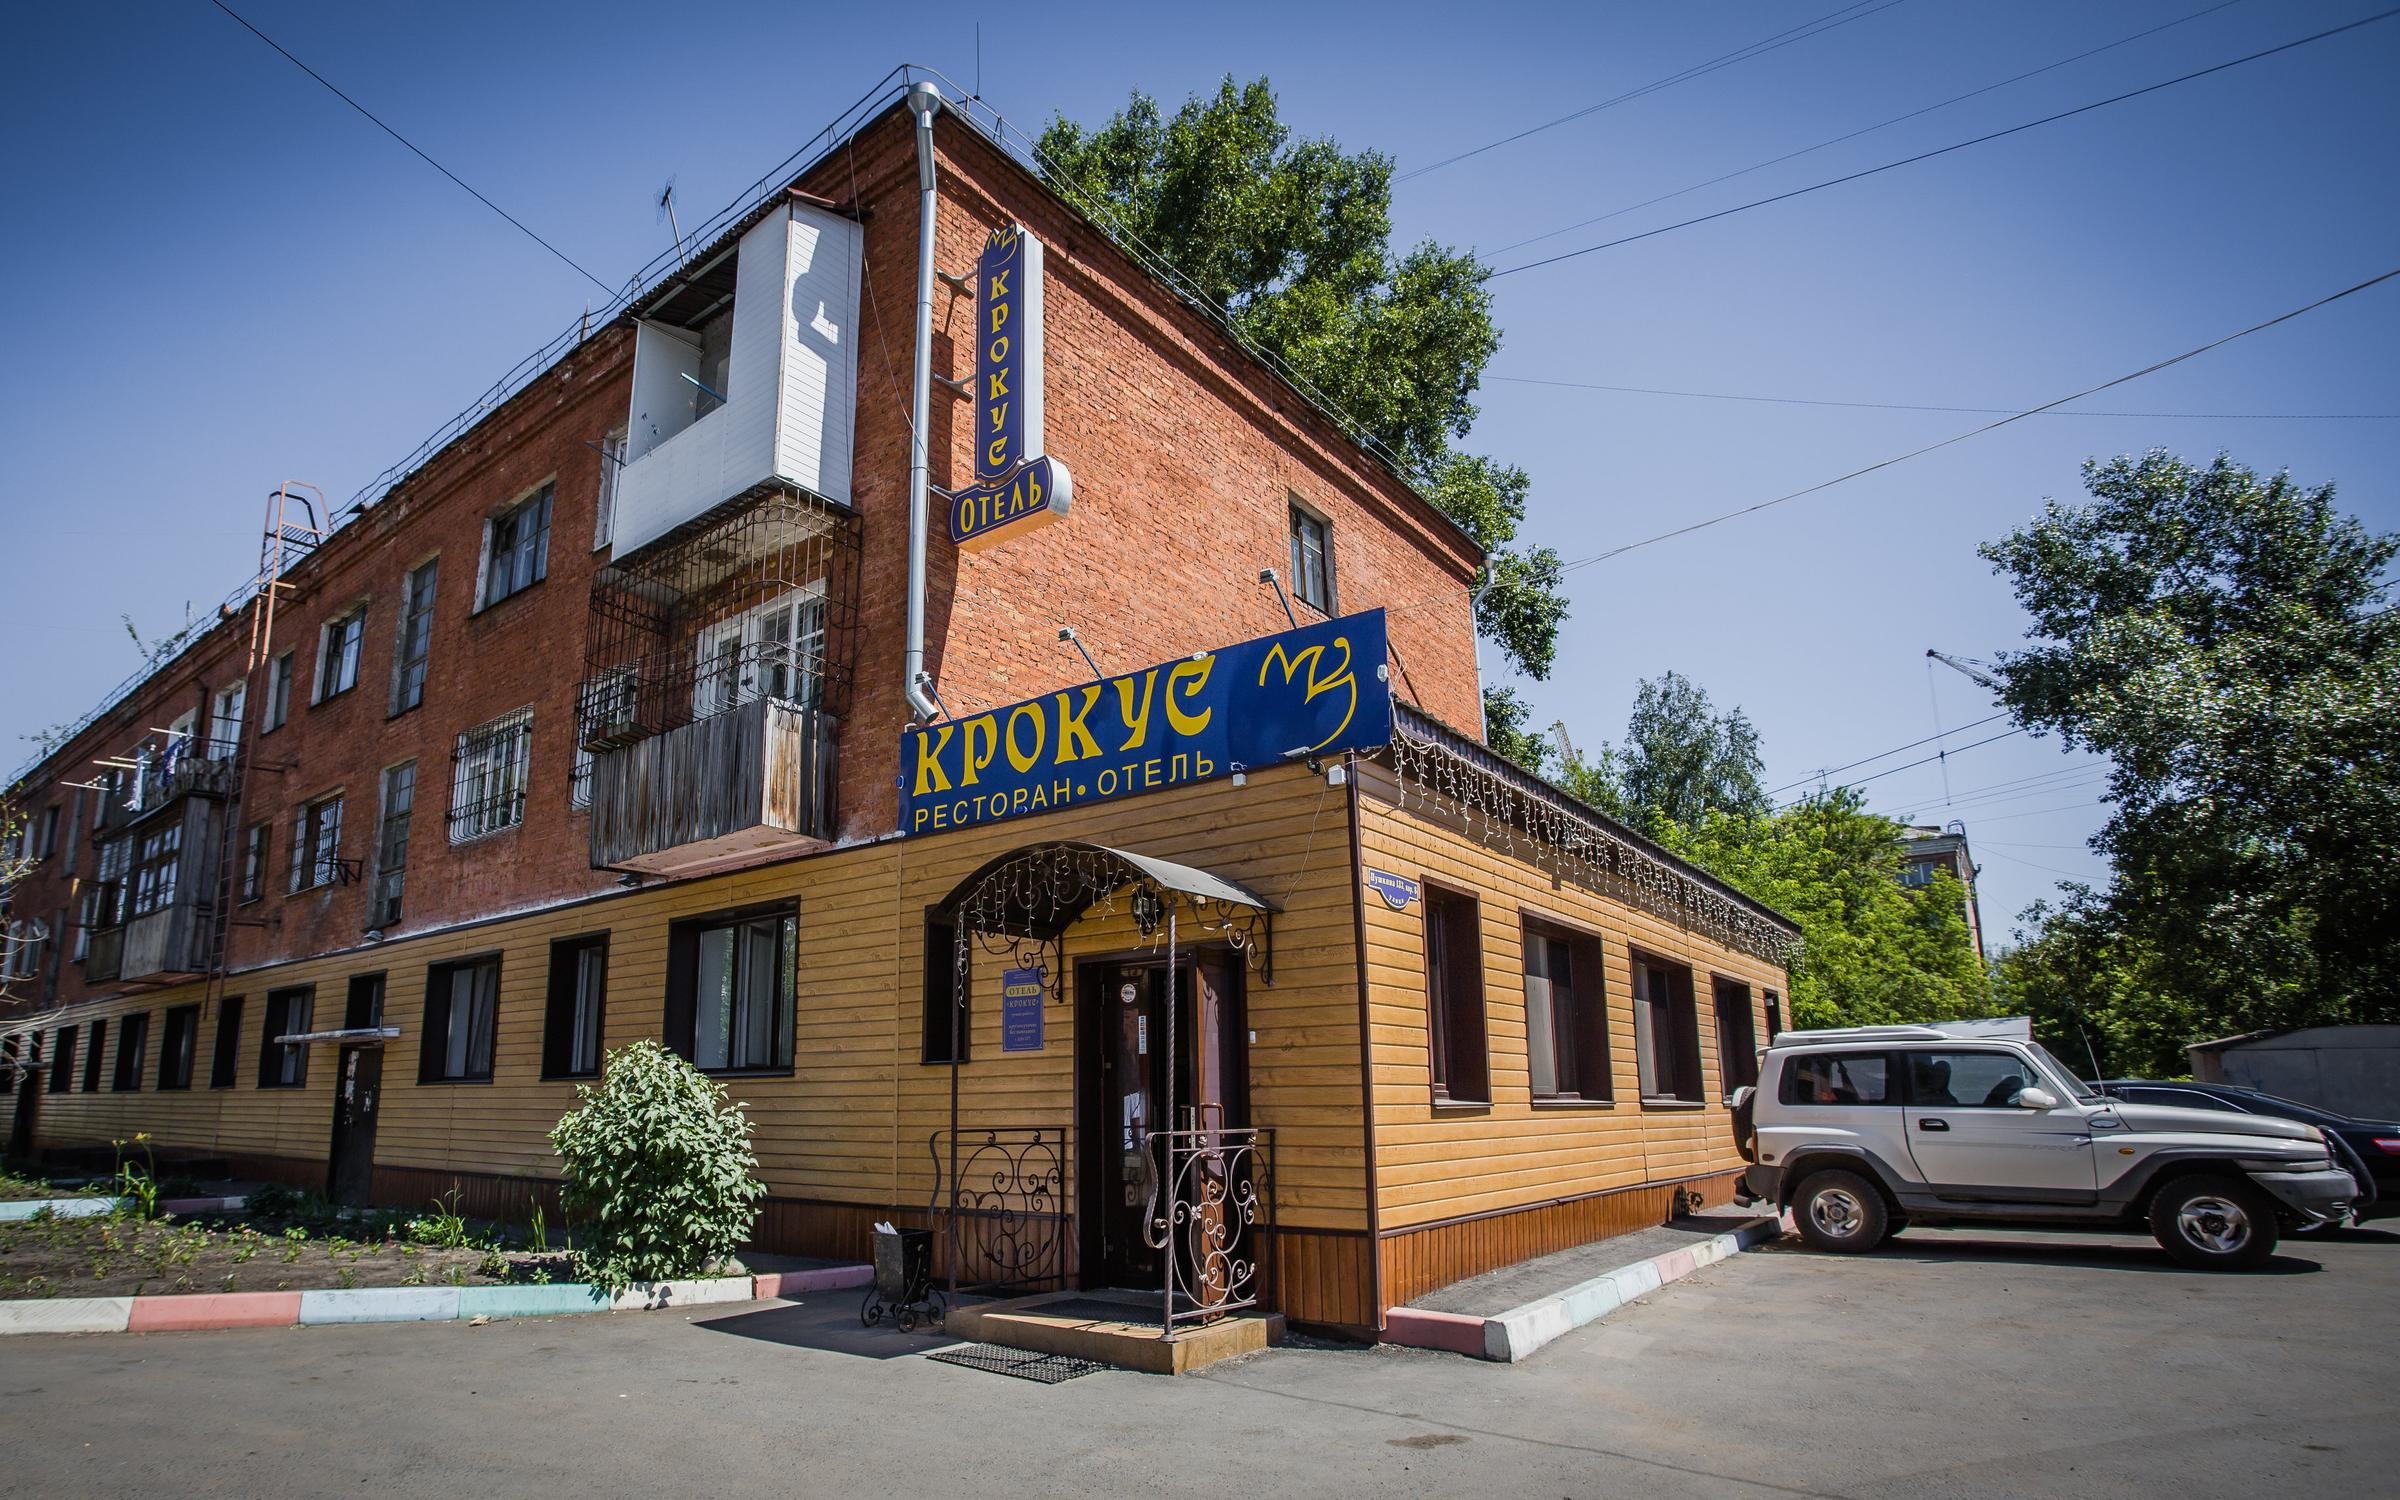 фотография Отеля-ресторана Крокус на улице Пушкина, 133 к 8